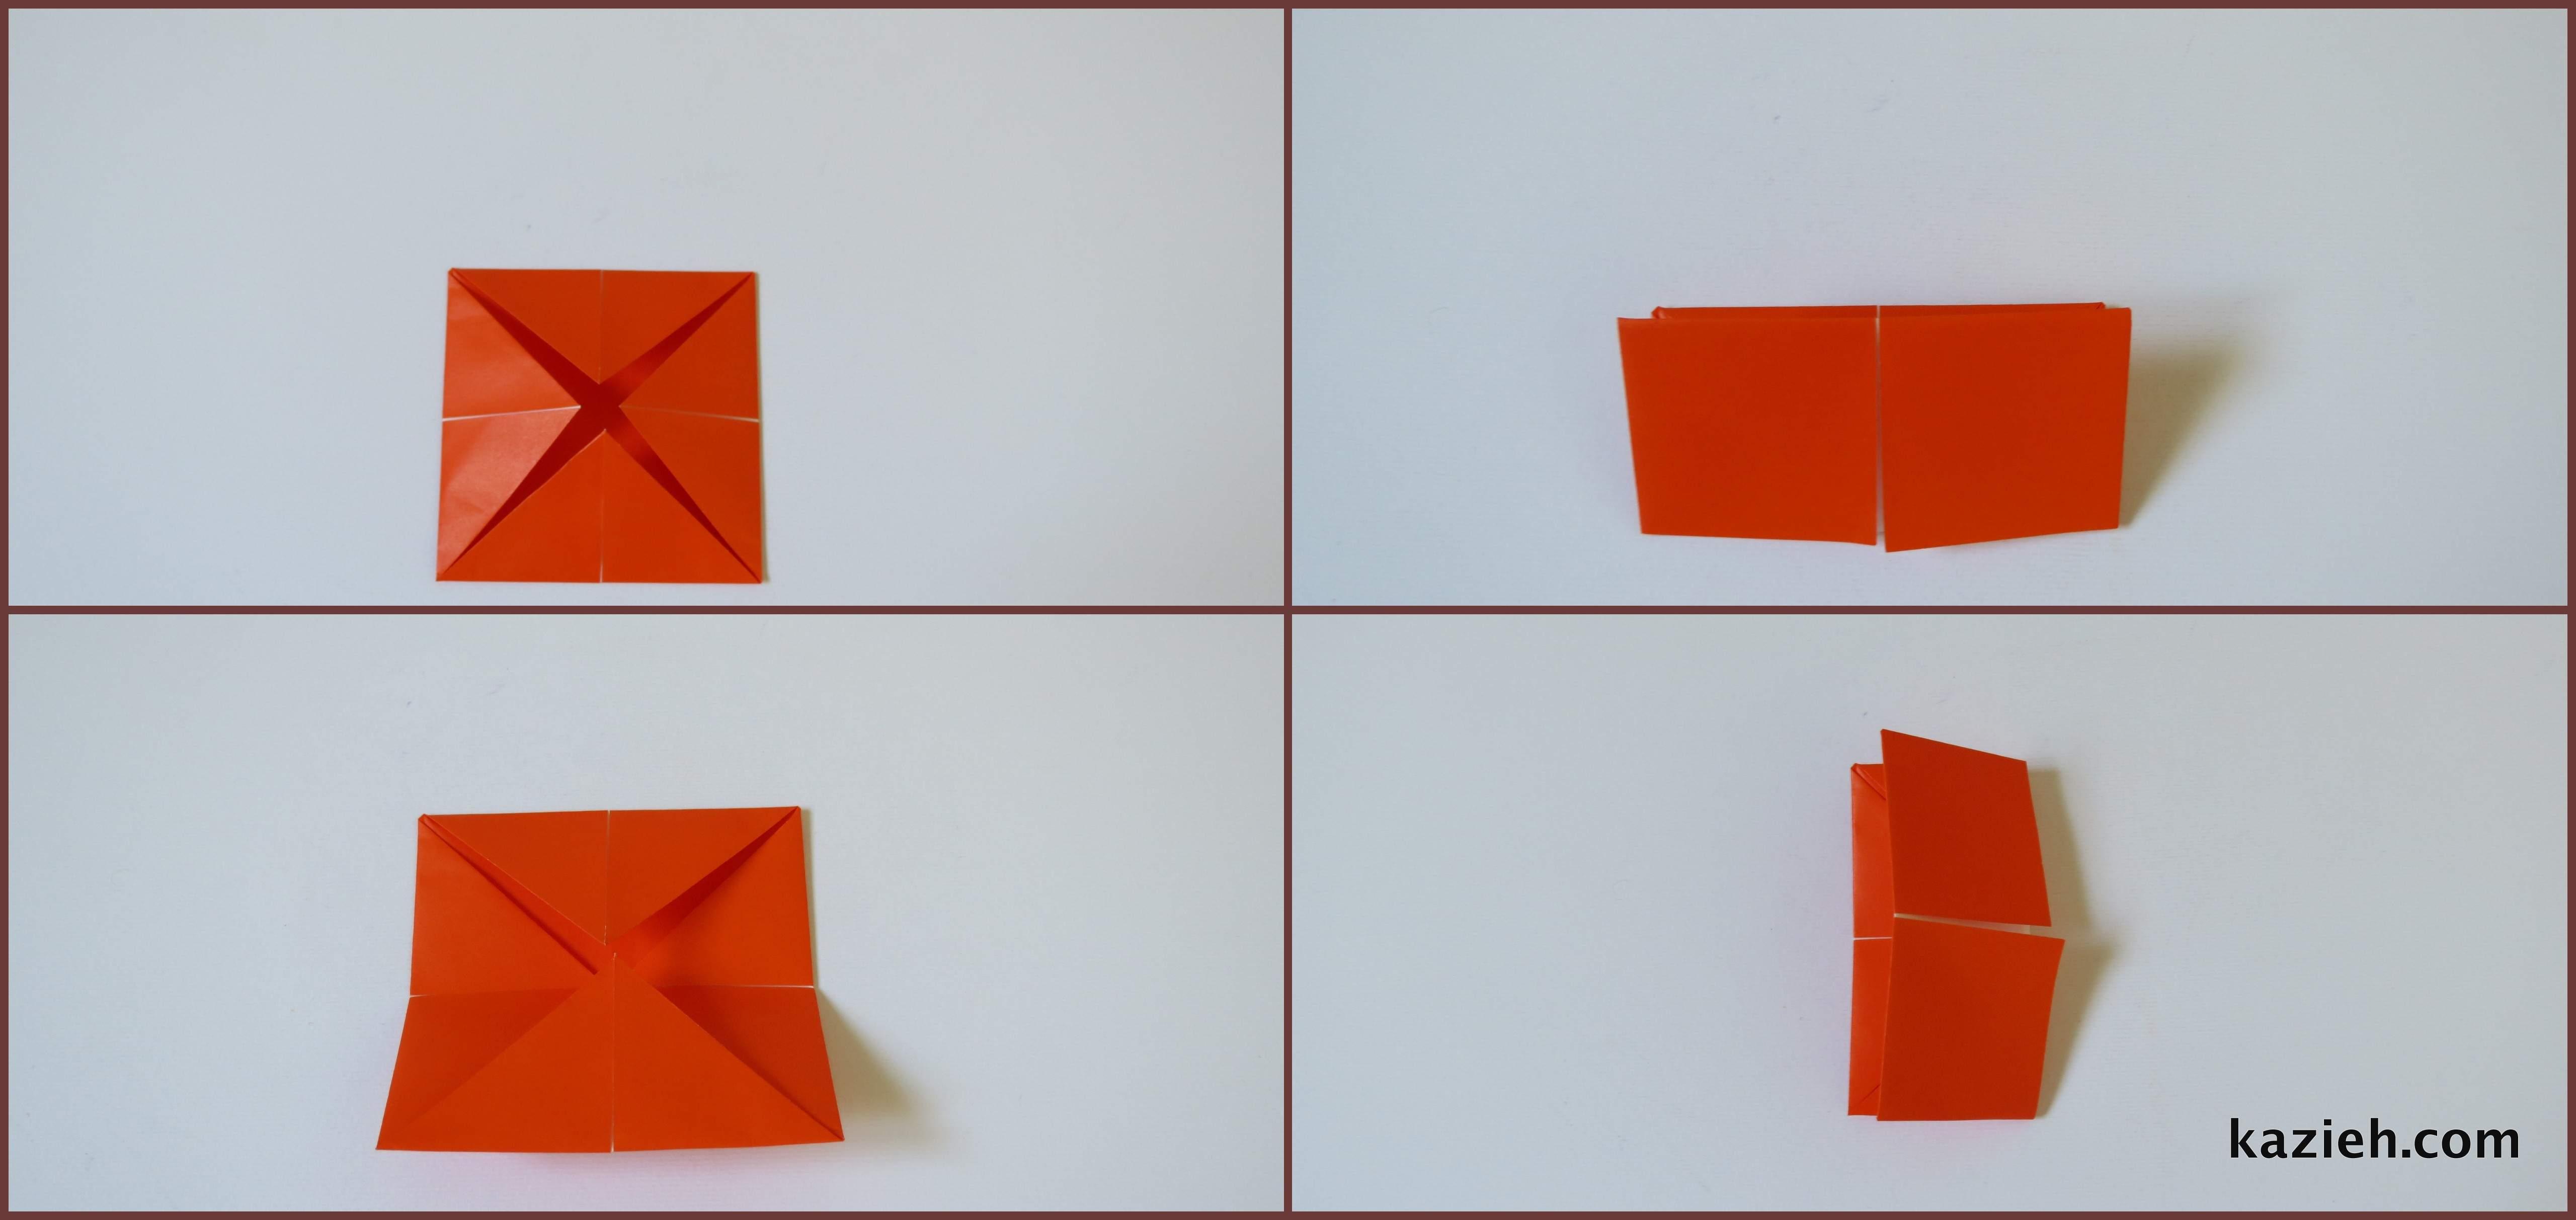 آموزش فالگیر اوریگامی -مرحله سوم- کازیه